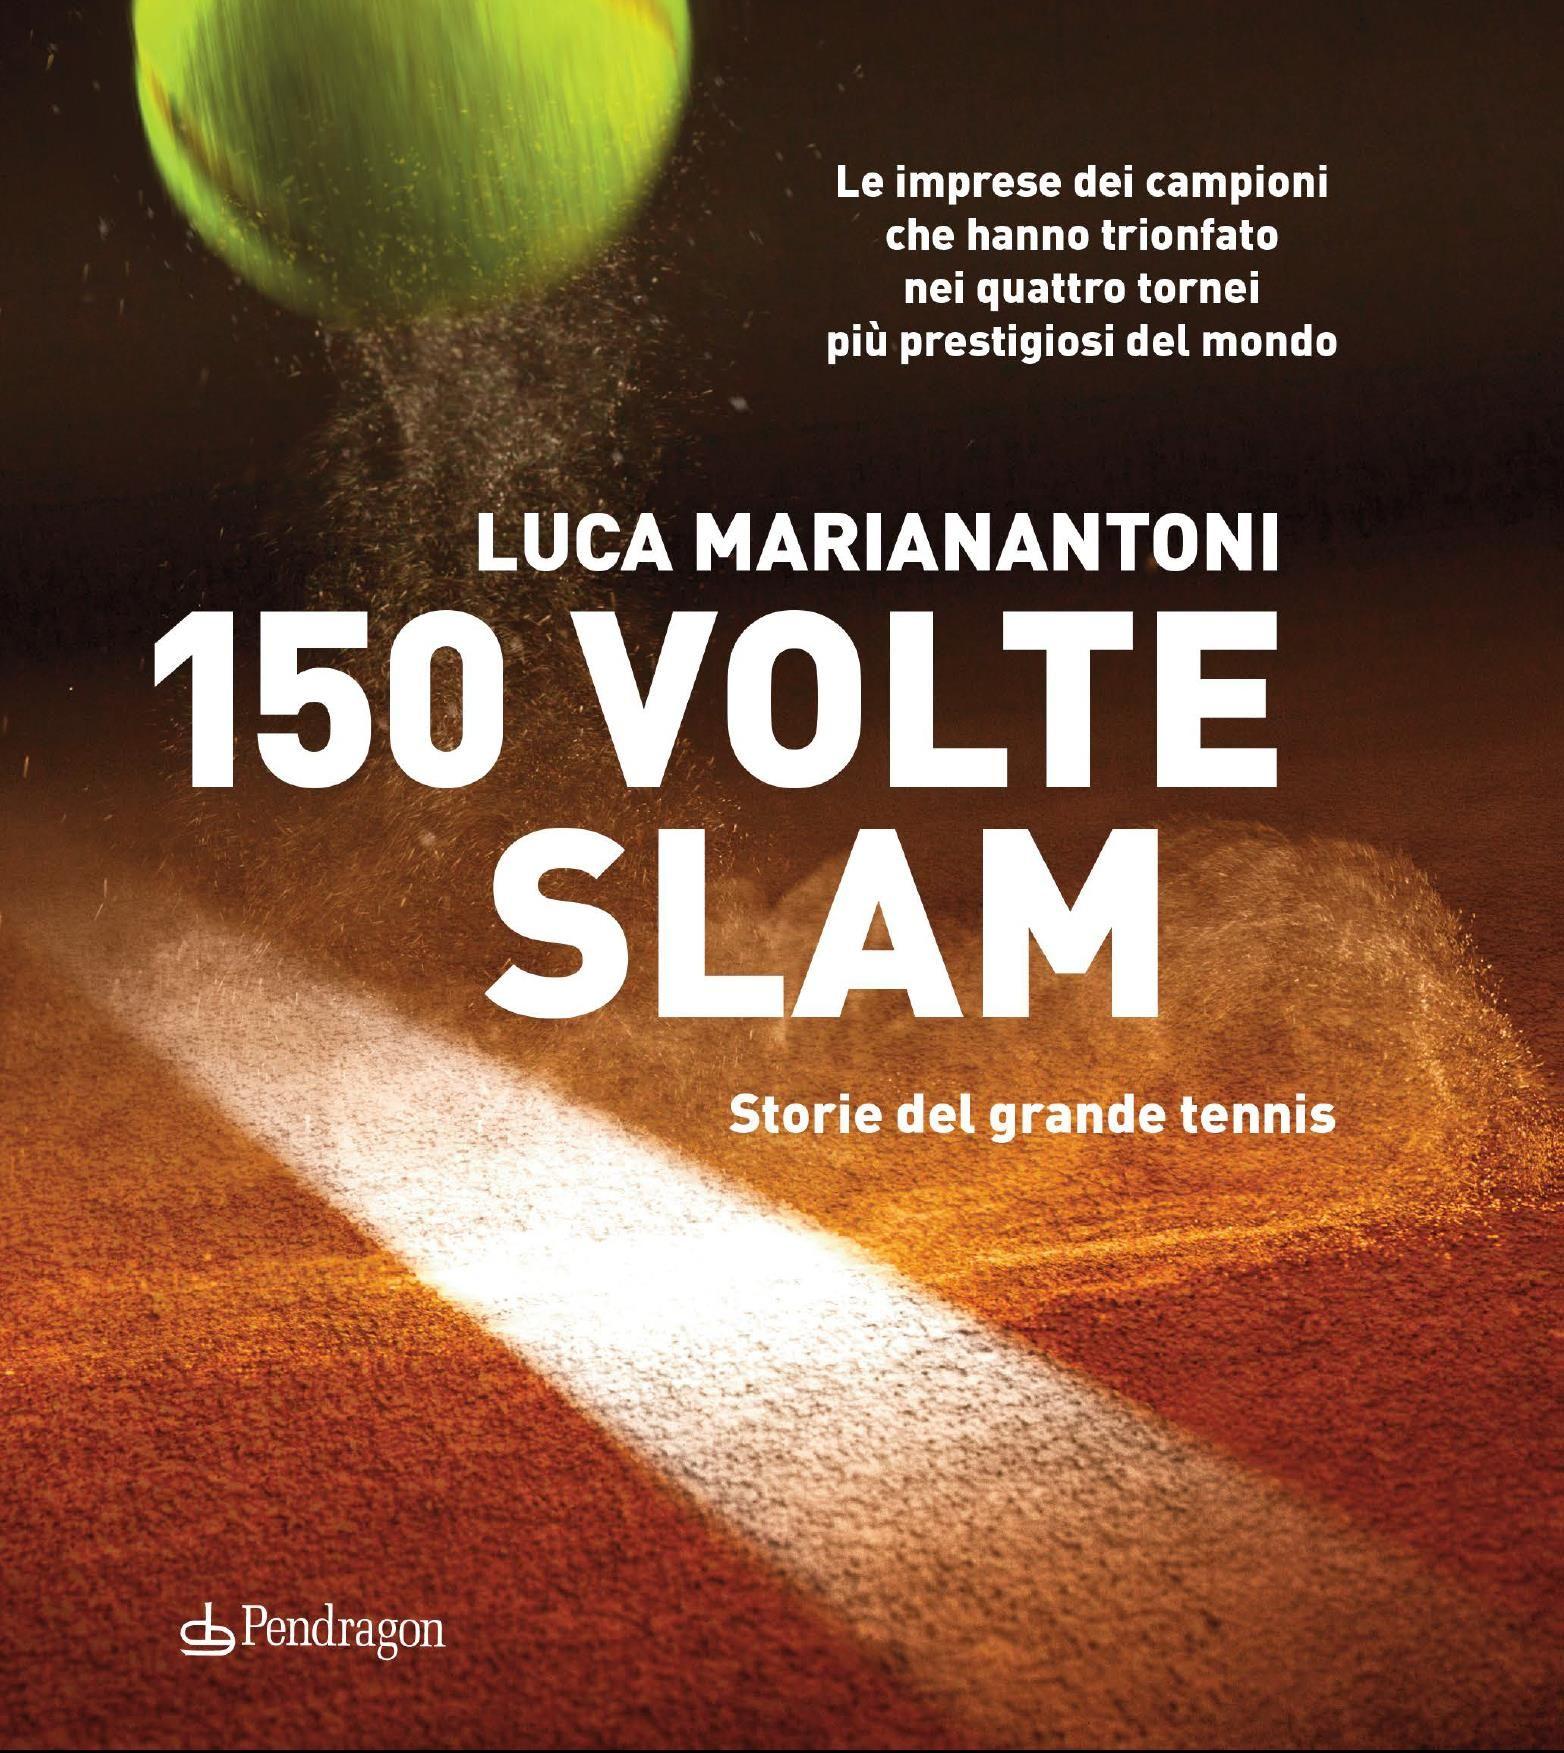 """Allo Sporting """"150 VOLTE SLAM"""" di Luca Marianantoni"""